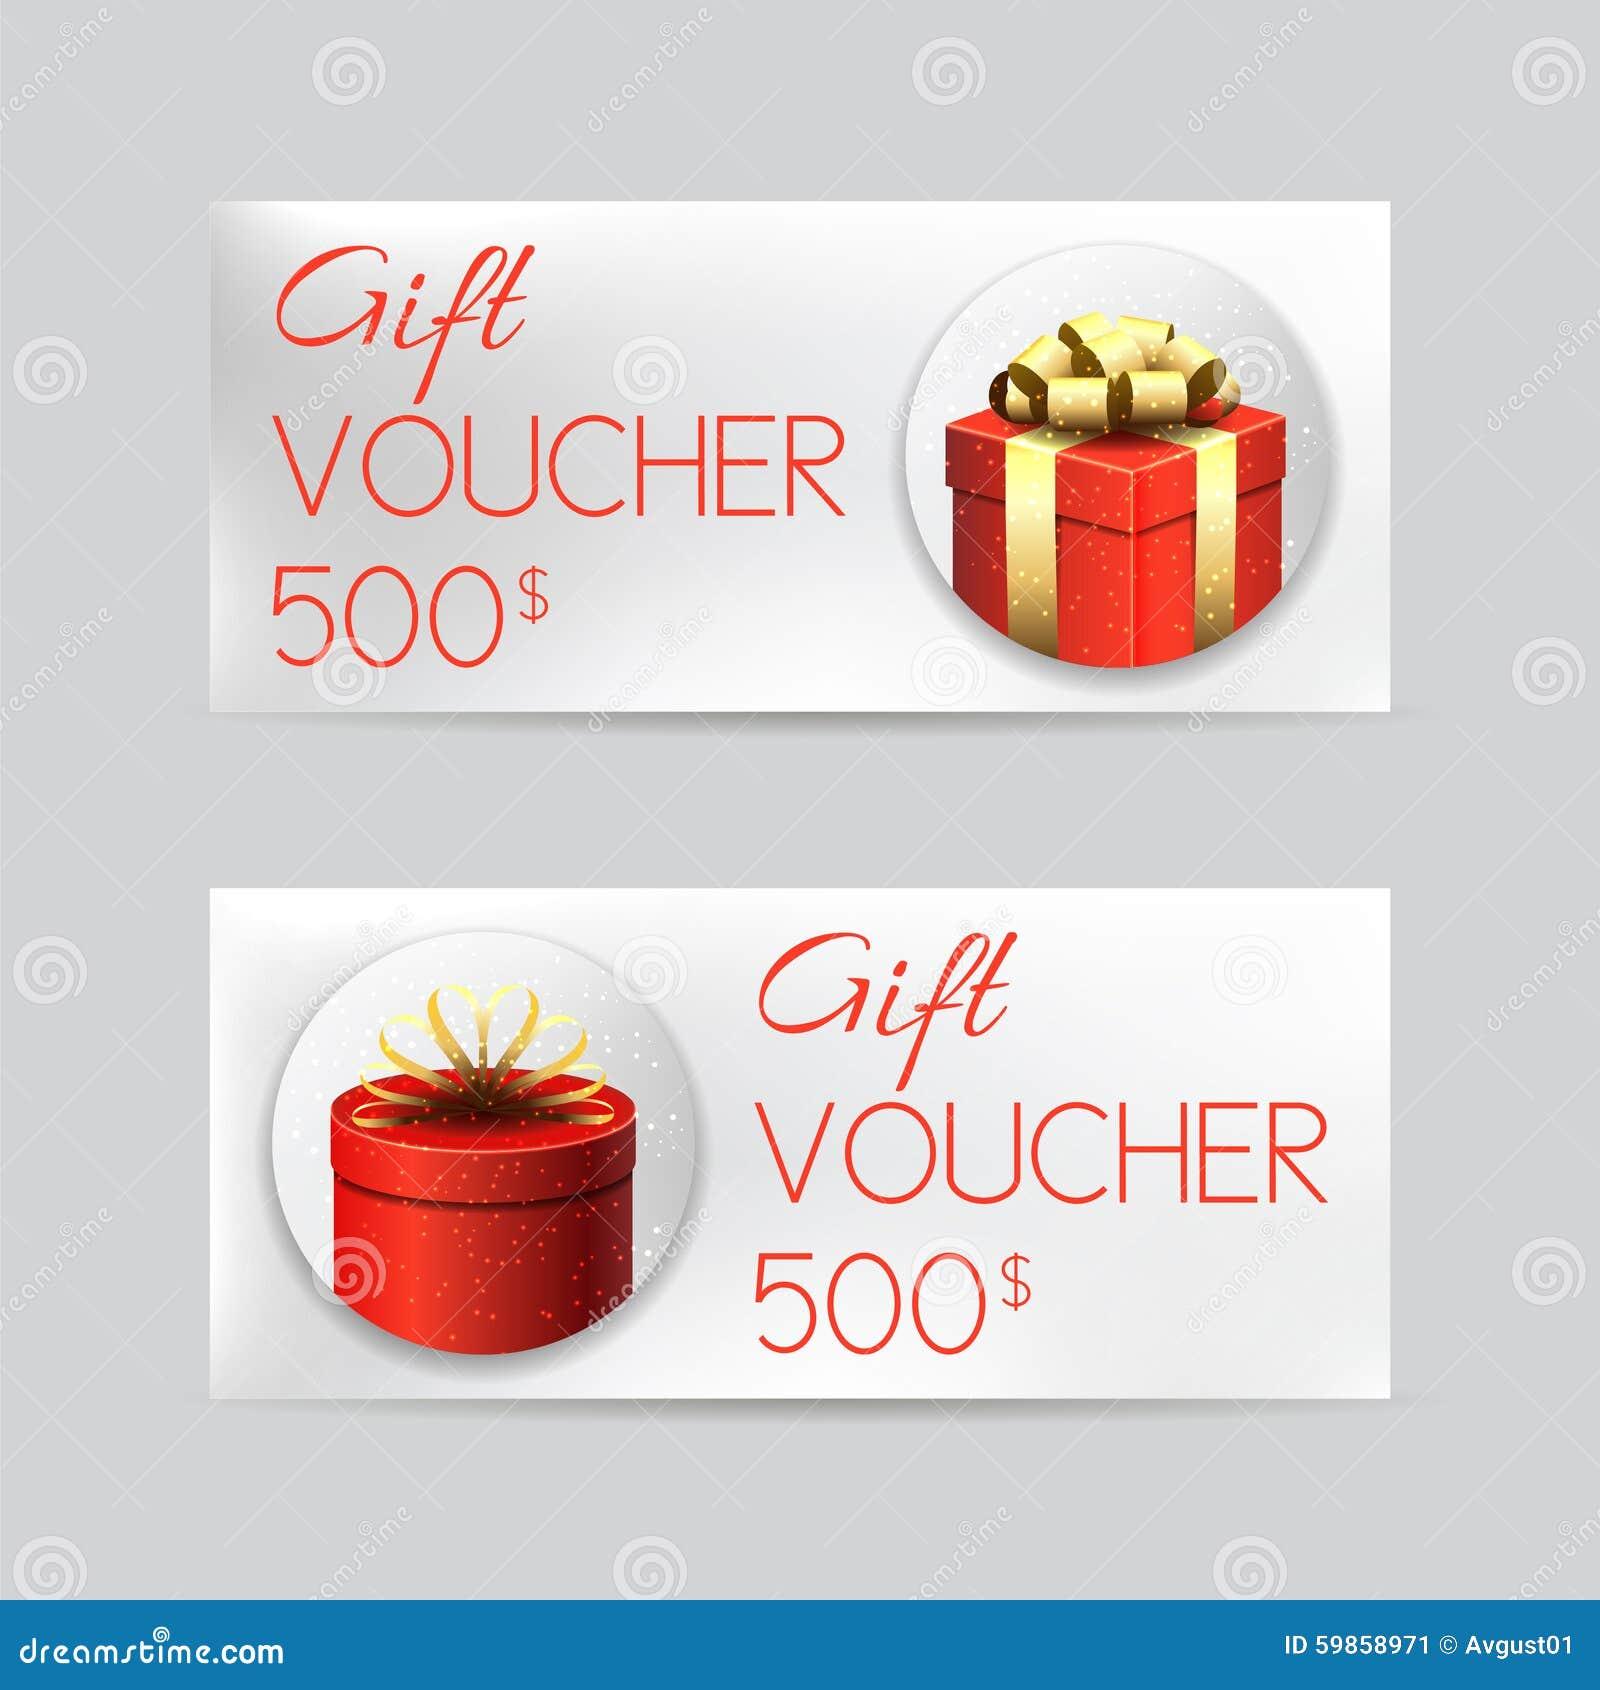 Geschenkgutscheinschablone Mit Weihnachtsgeschenken Vektor Abbildung ...